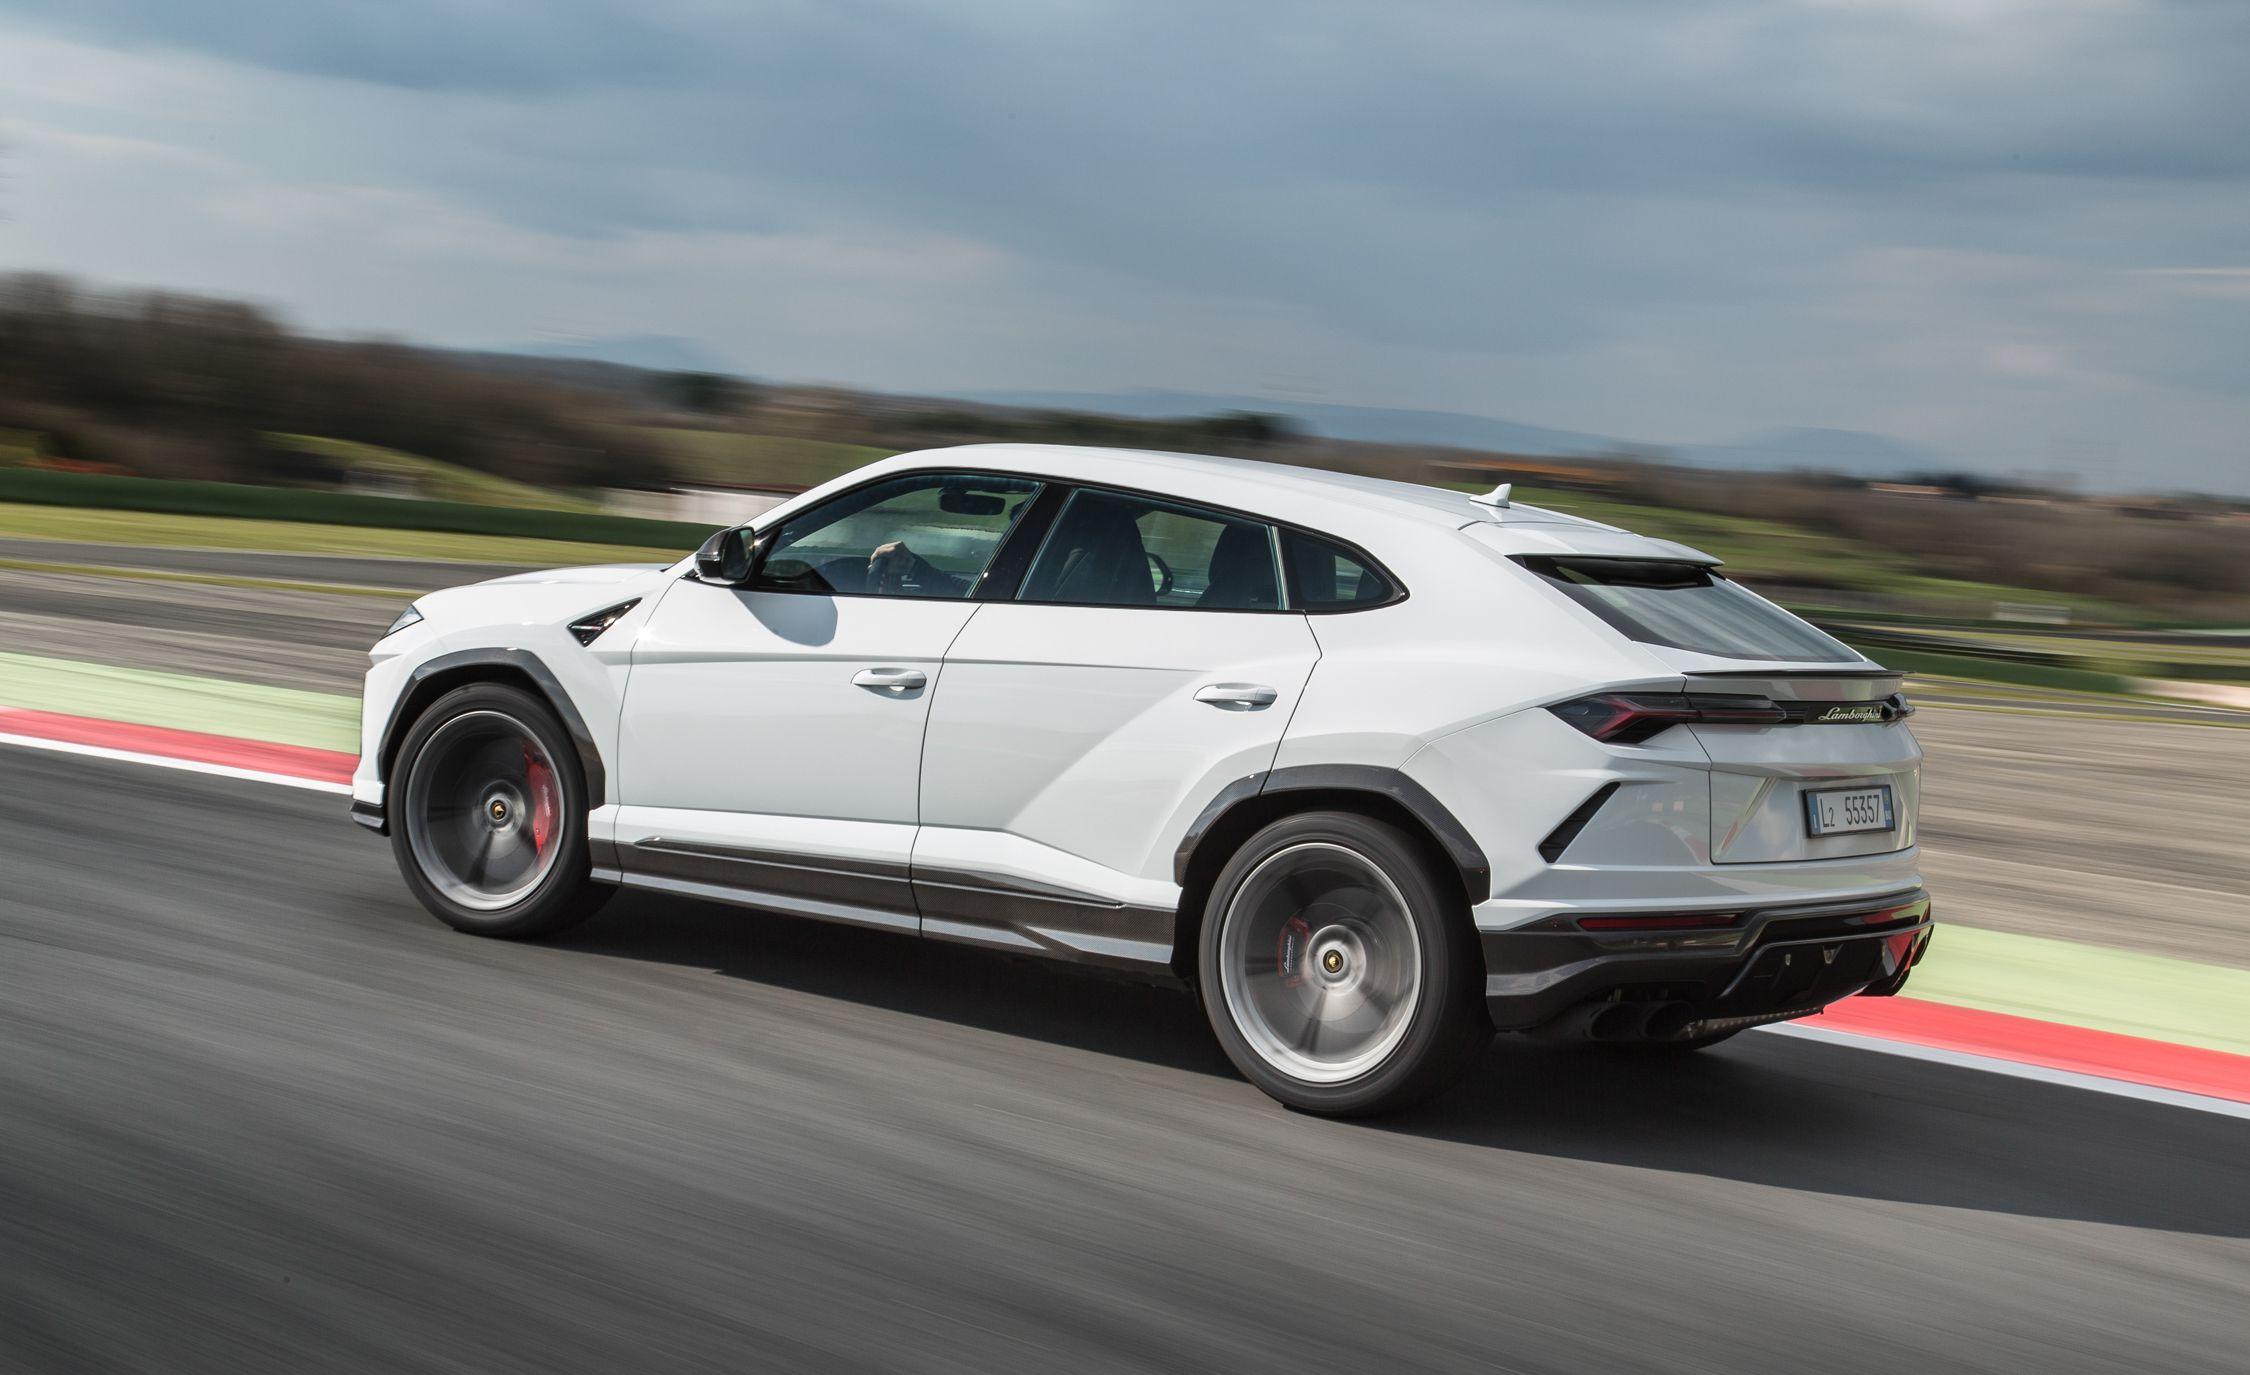 2019 Lamborghini Urus Rear Three Quarter Wallpaper 39 Hd Wallpapers